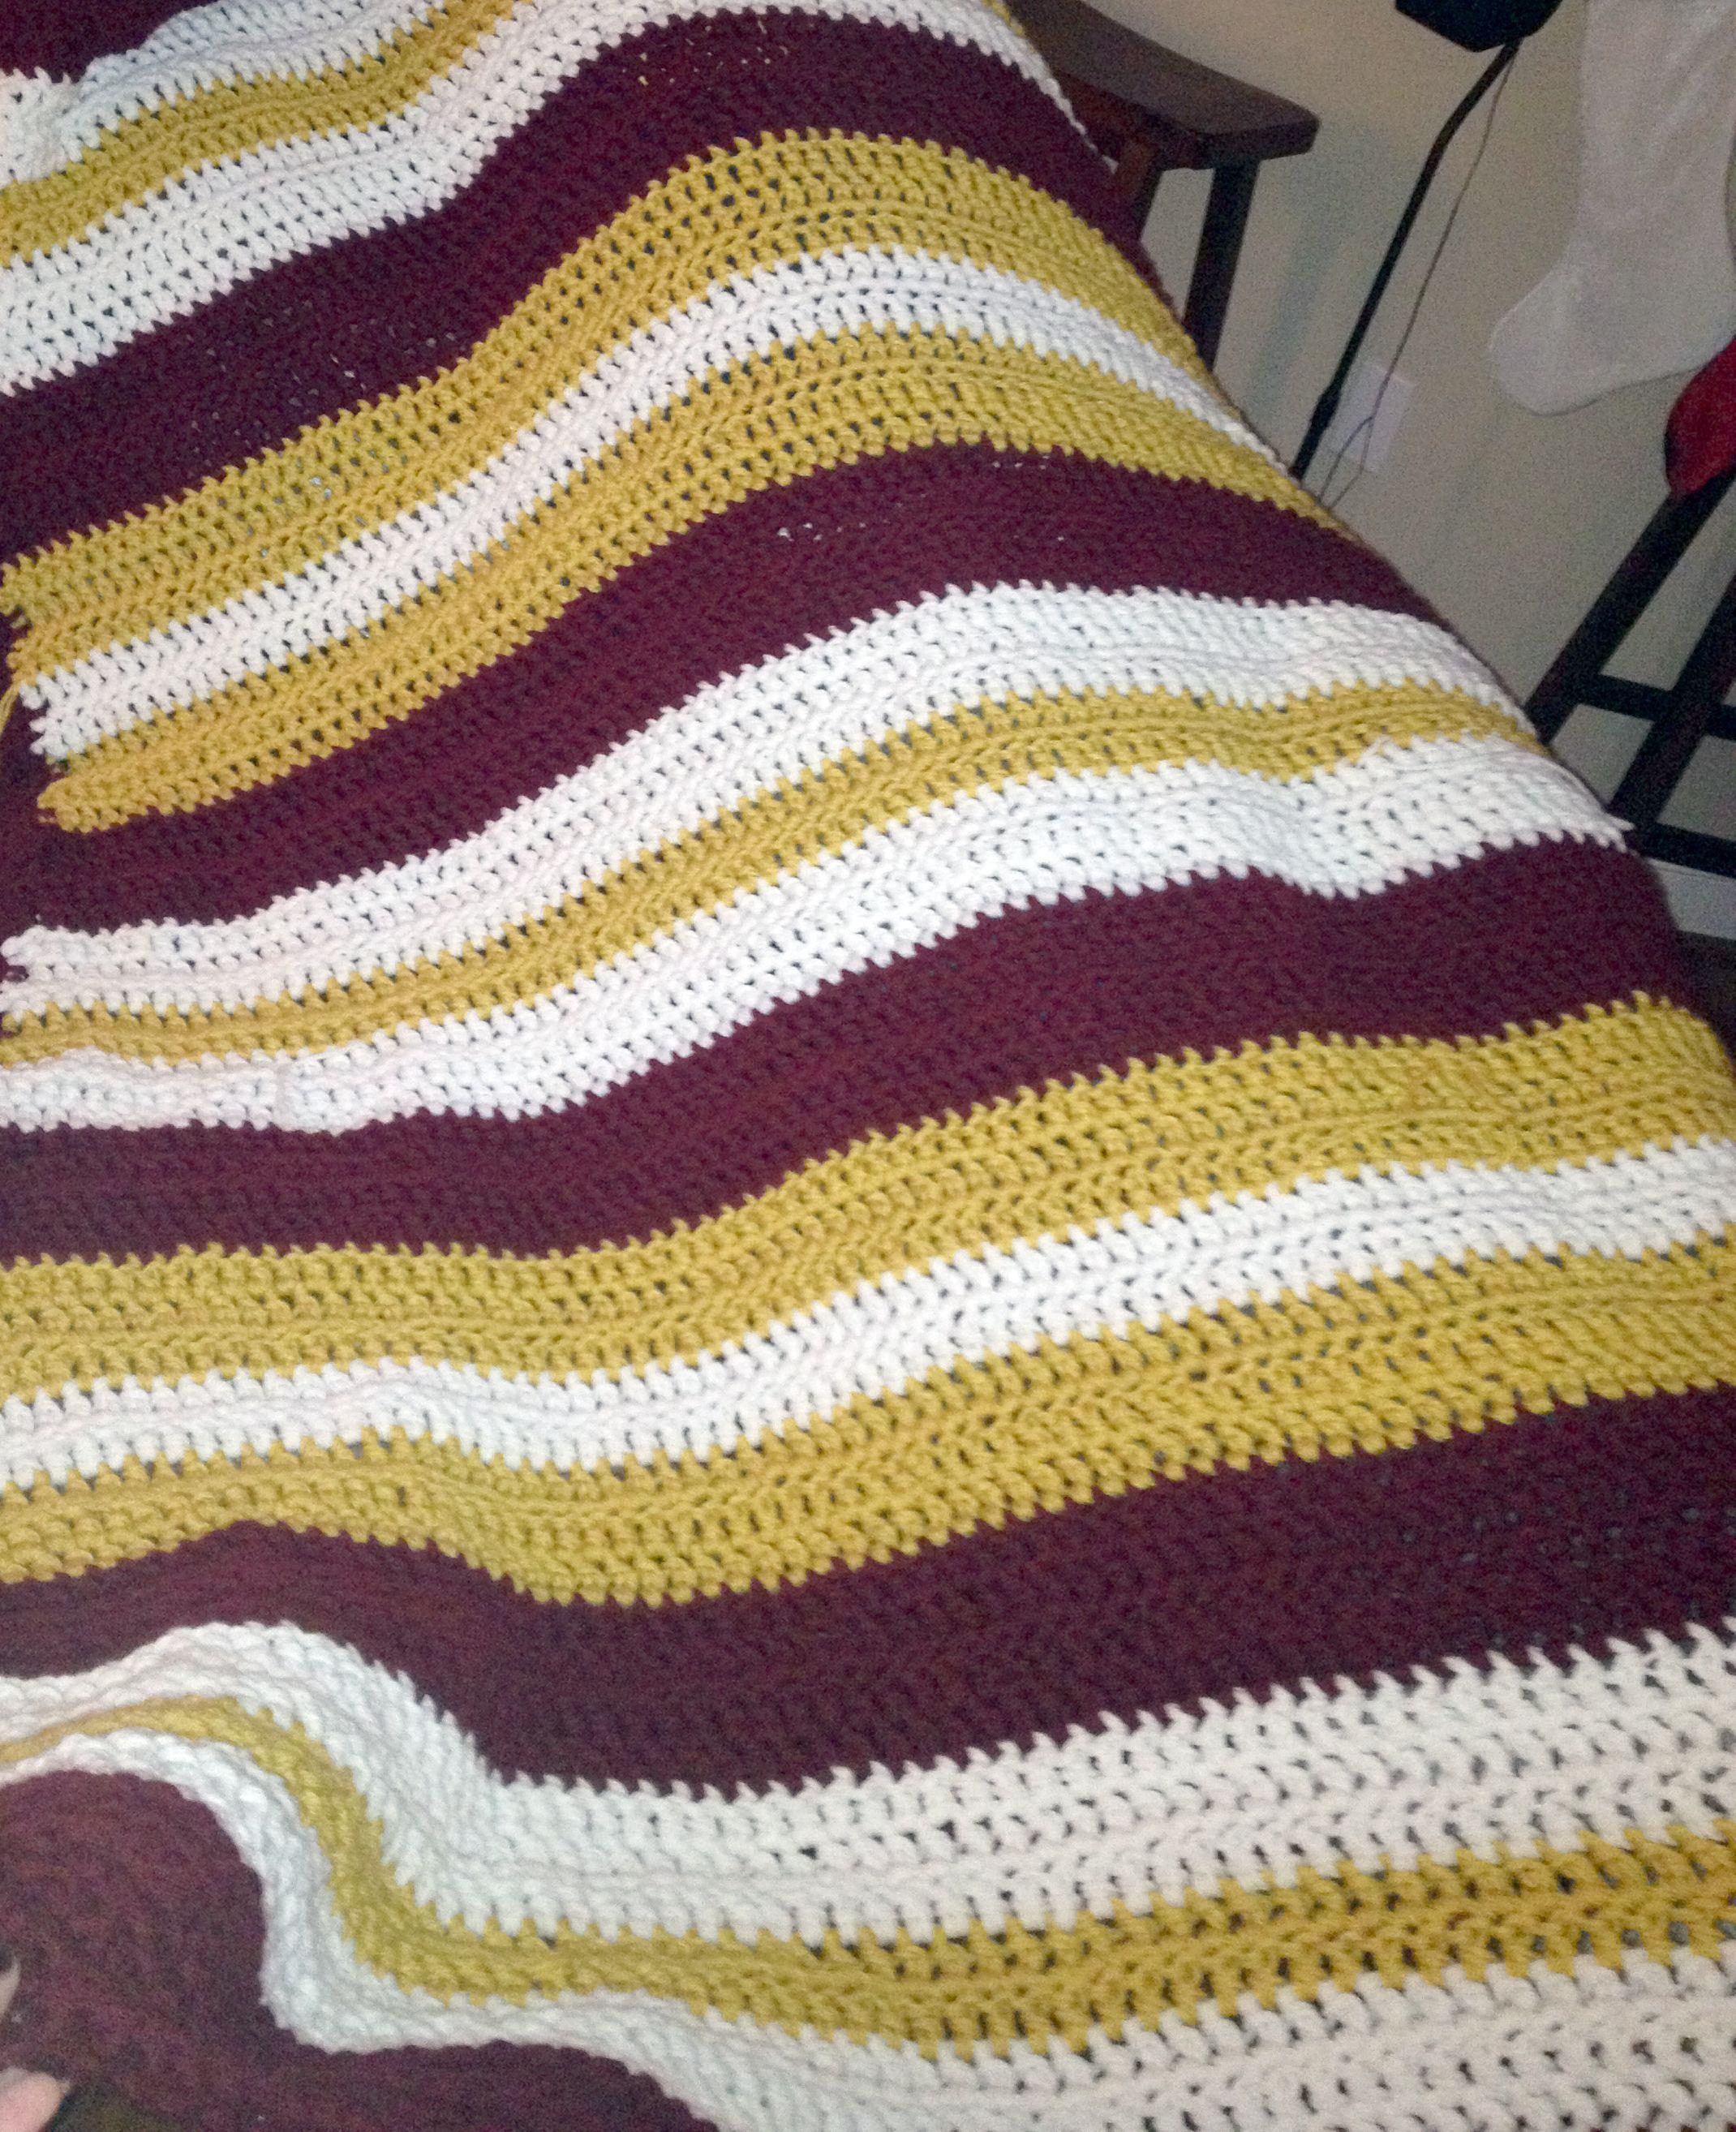 University of alabama baby afghan blanket i just finished this redskins crochet blanket bankloansurffo Images